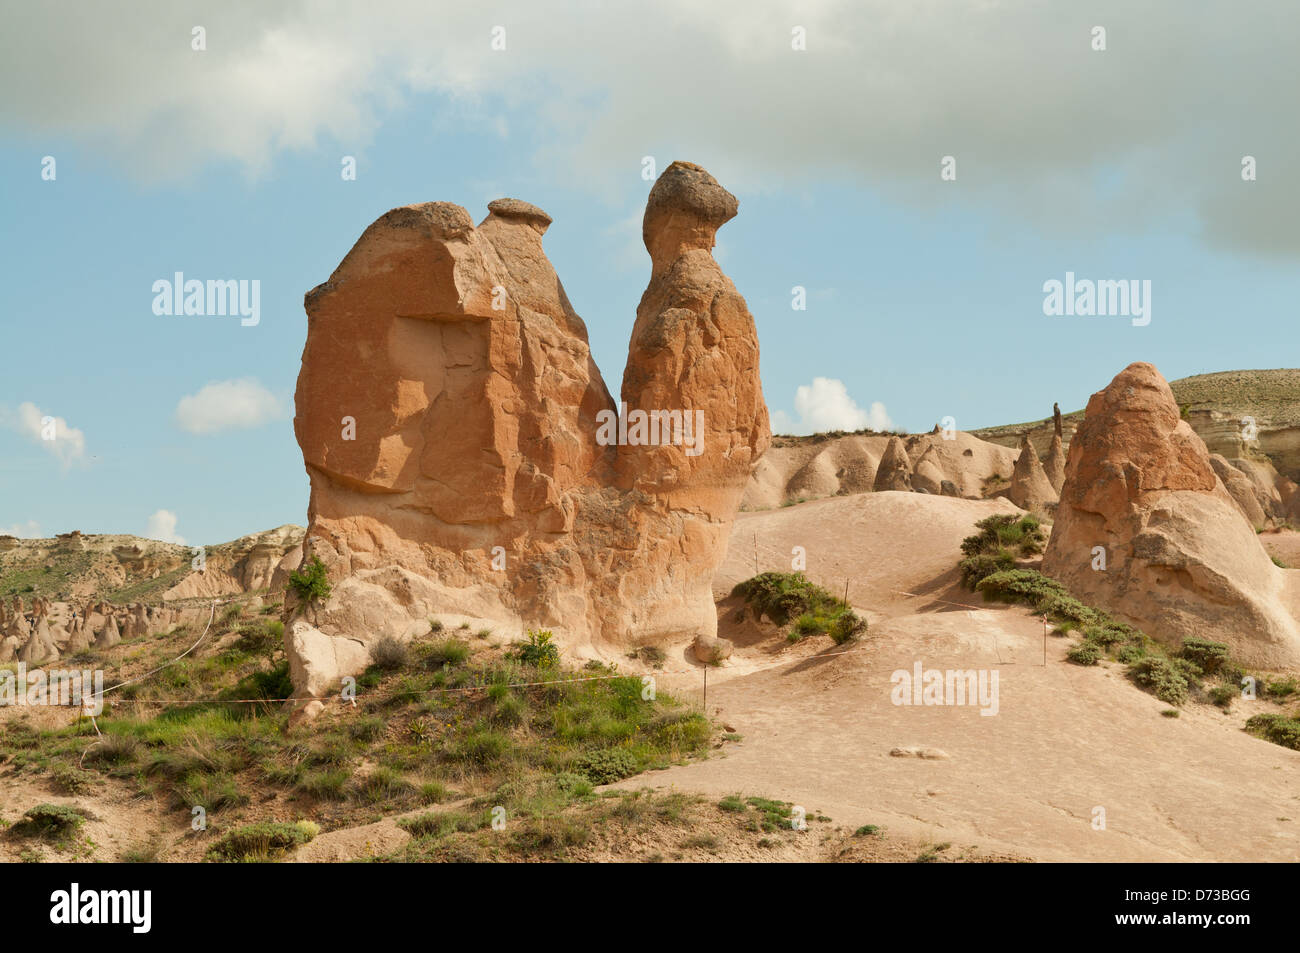 The Camel, Fairy Chimneys at Pasabagi, Cappodocia, Nevsehir, Turkey - Stock Image